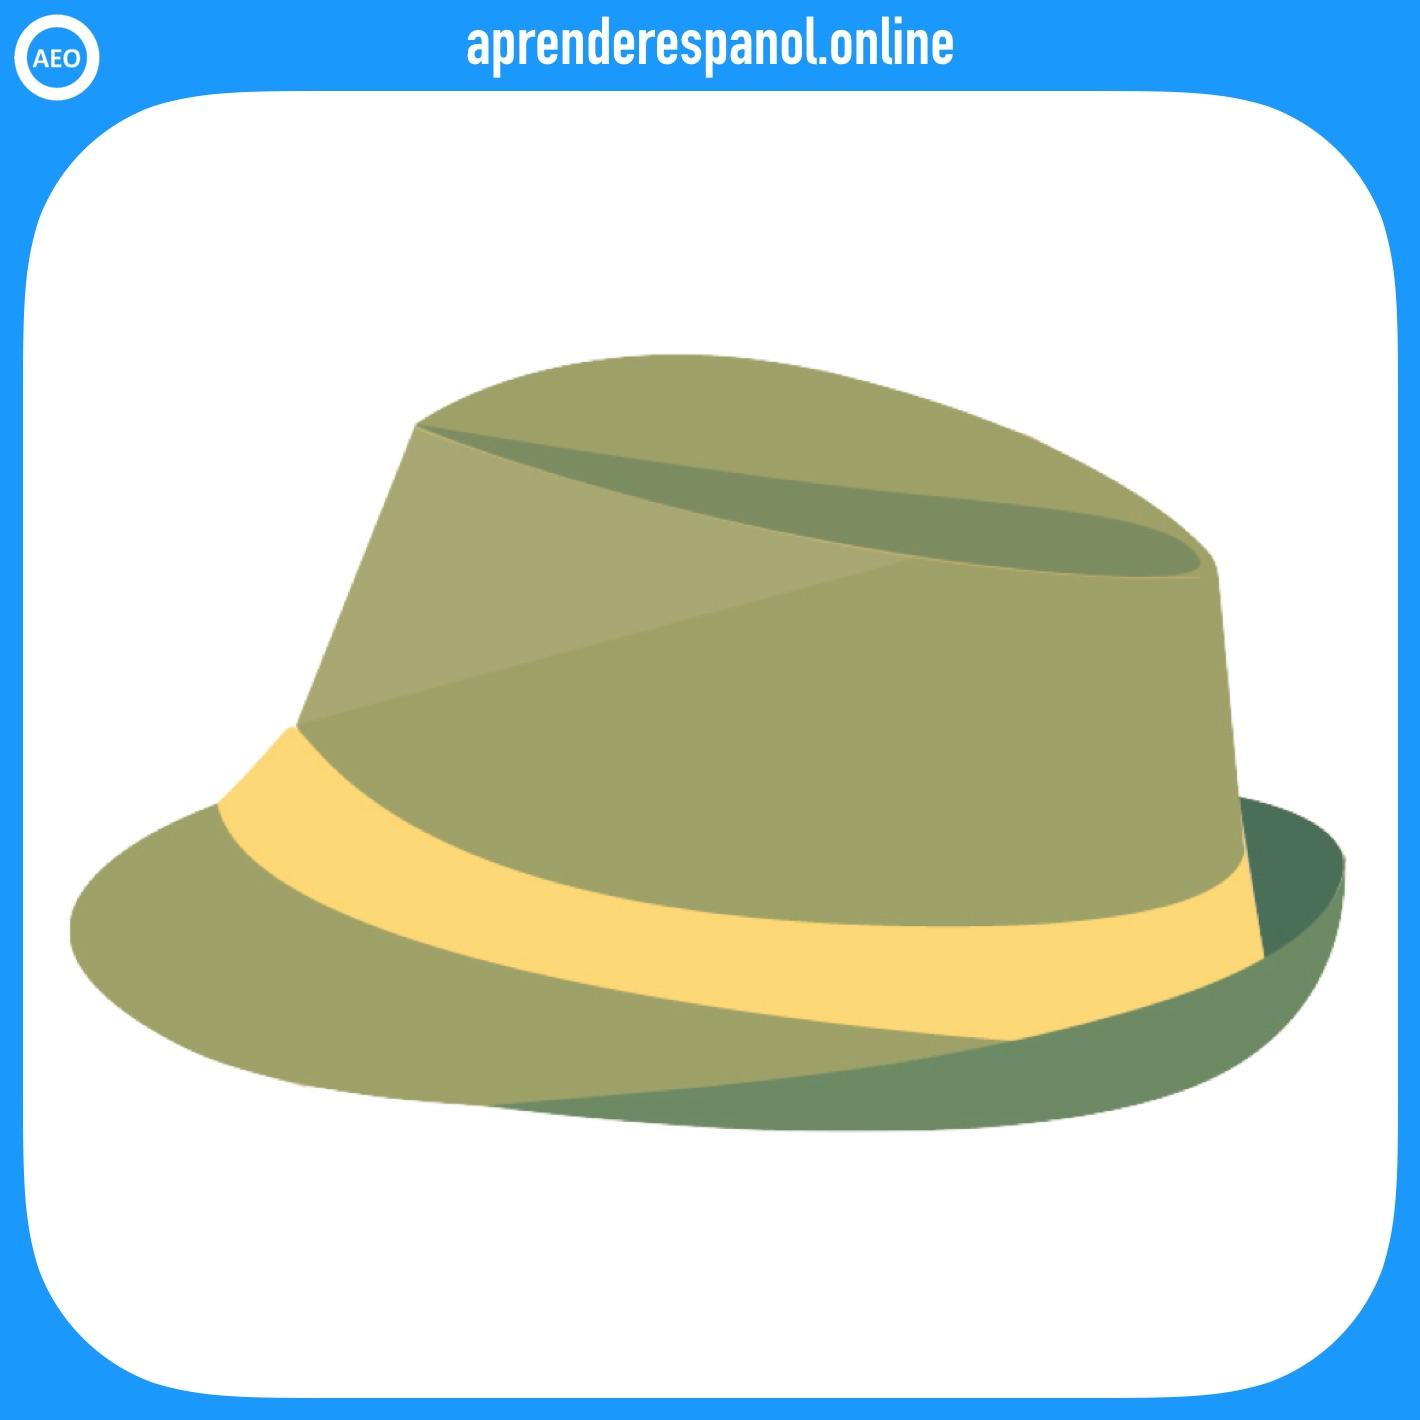 sombrero | ropa en español | vocabulario de la ropa en español